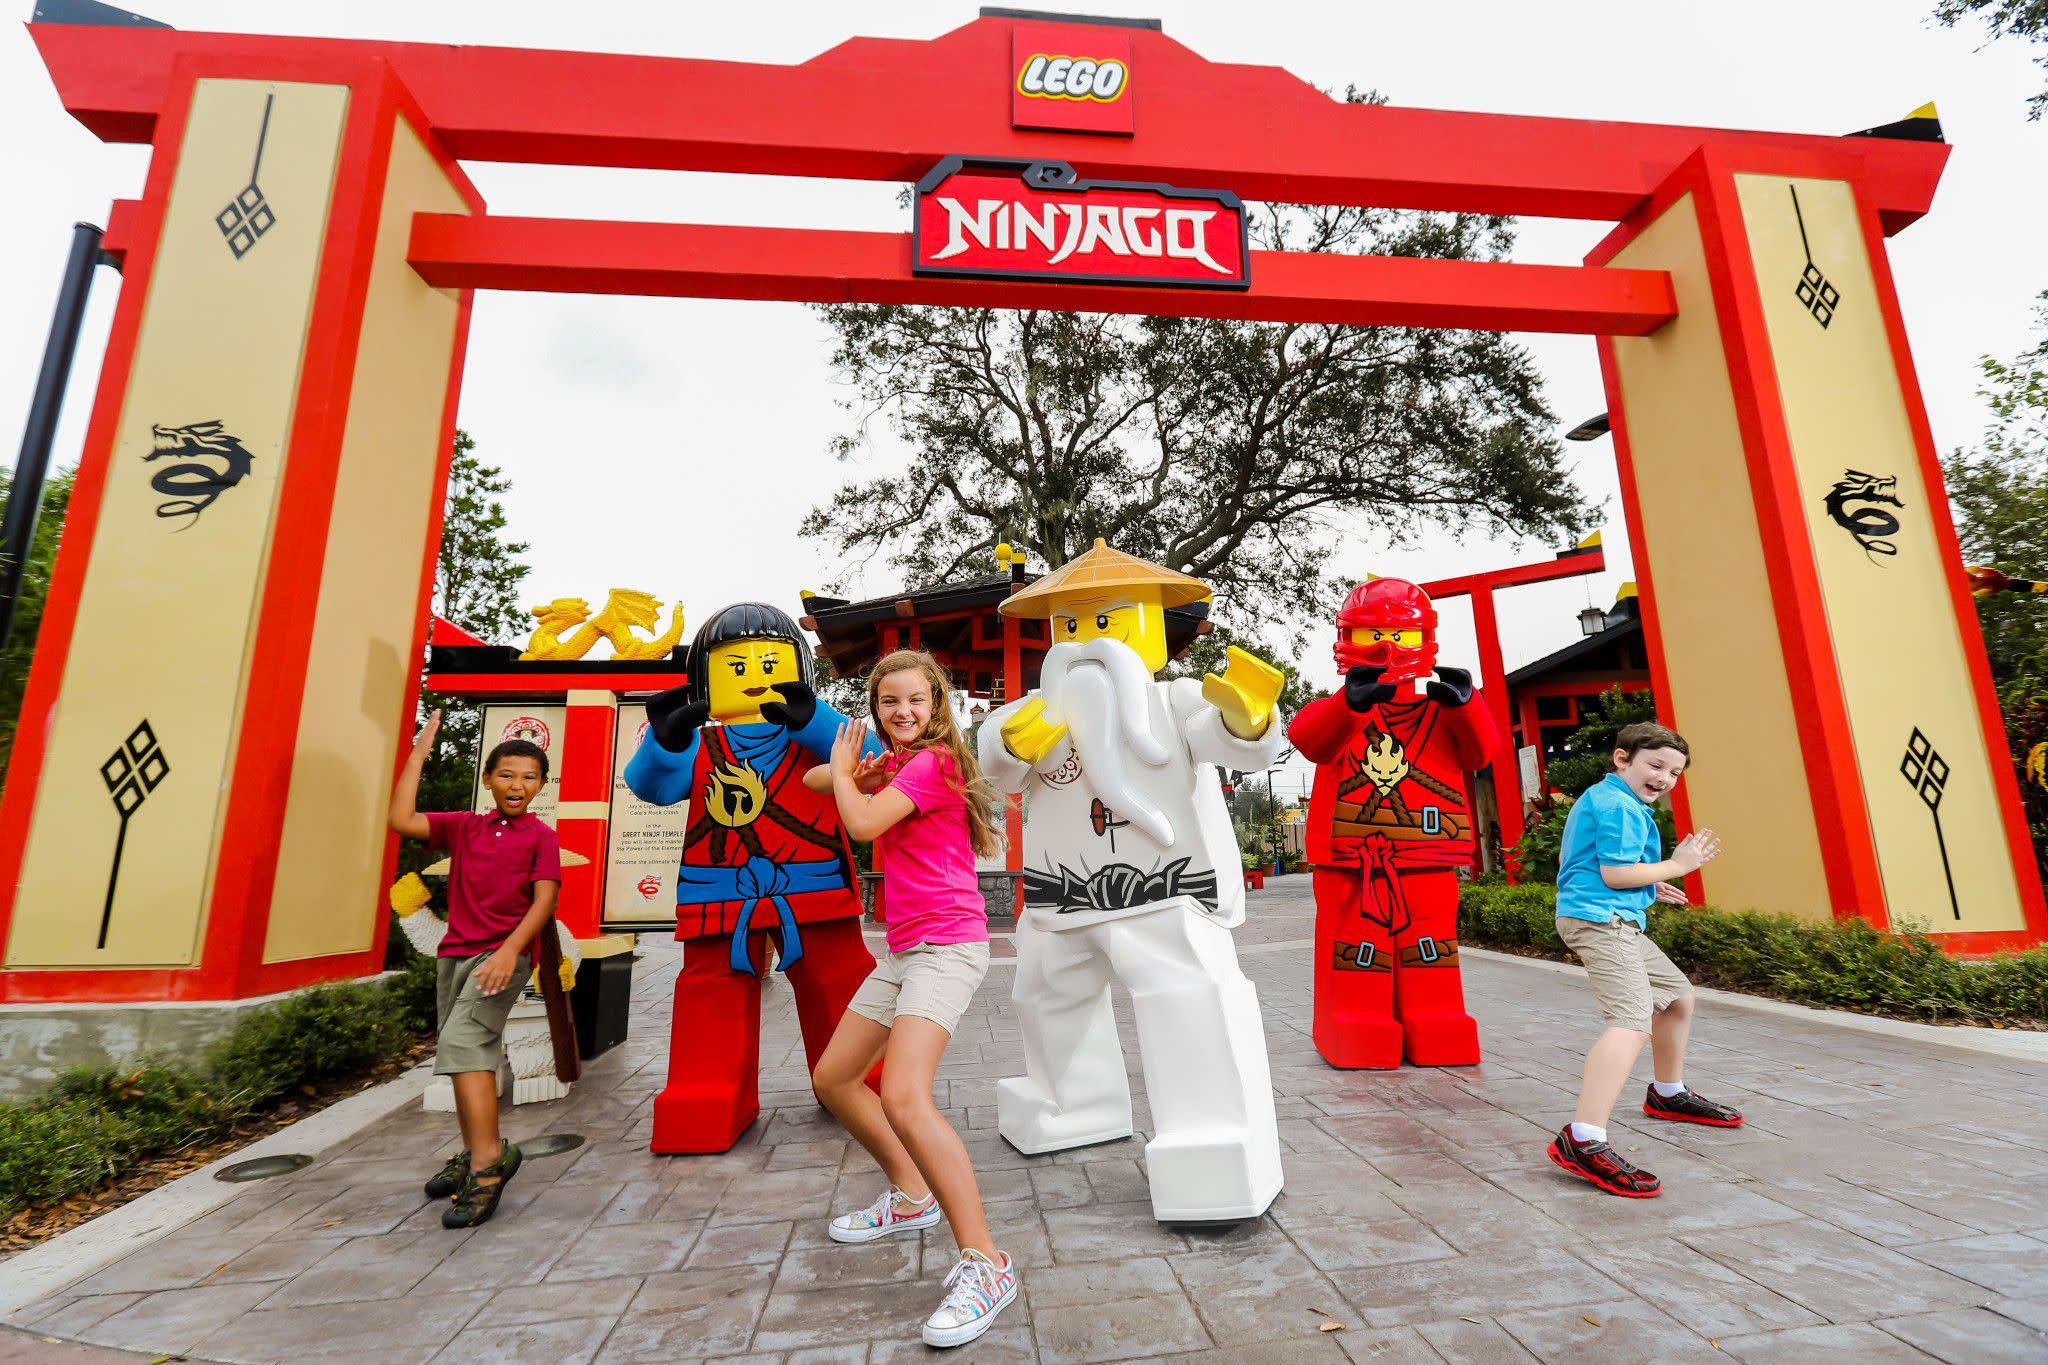 LEGO NINJAGO Days at LEGOLAND Florida Resort Near Orlando